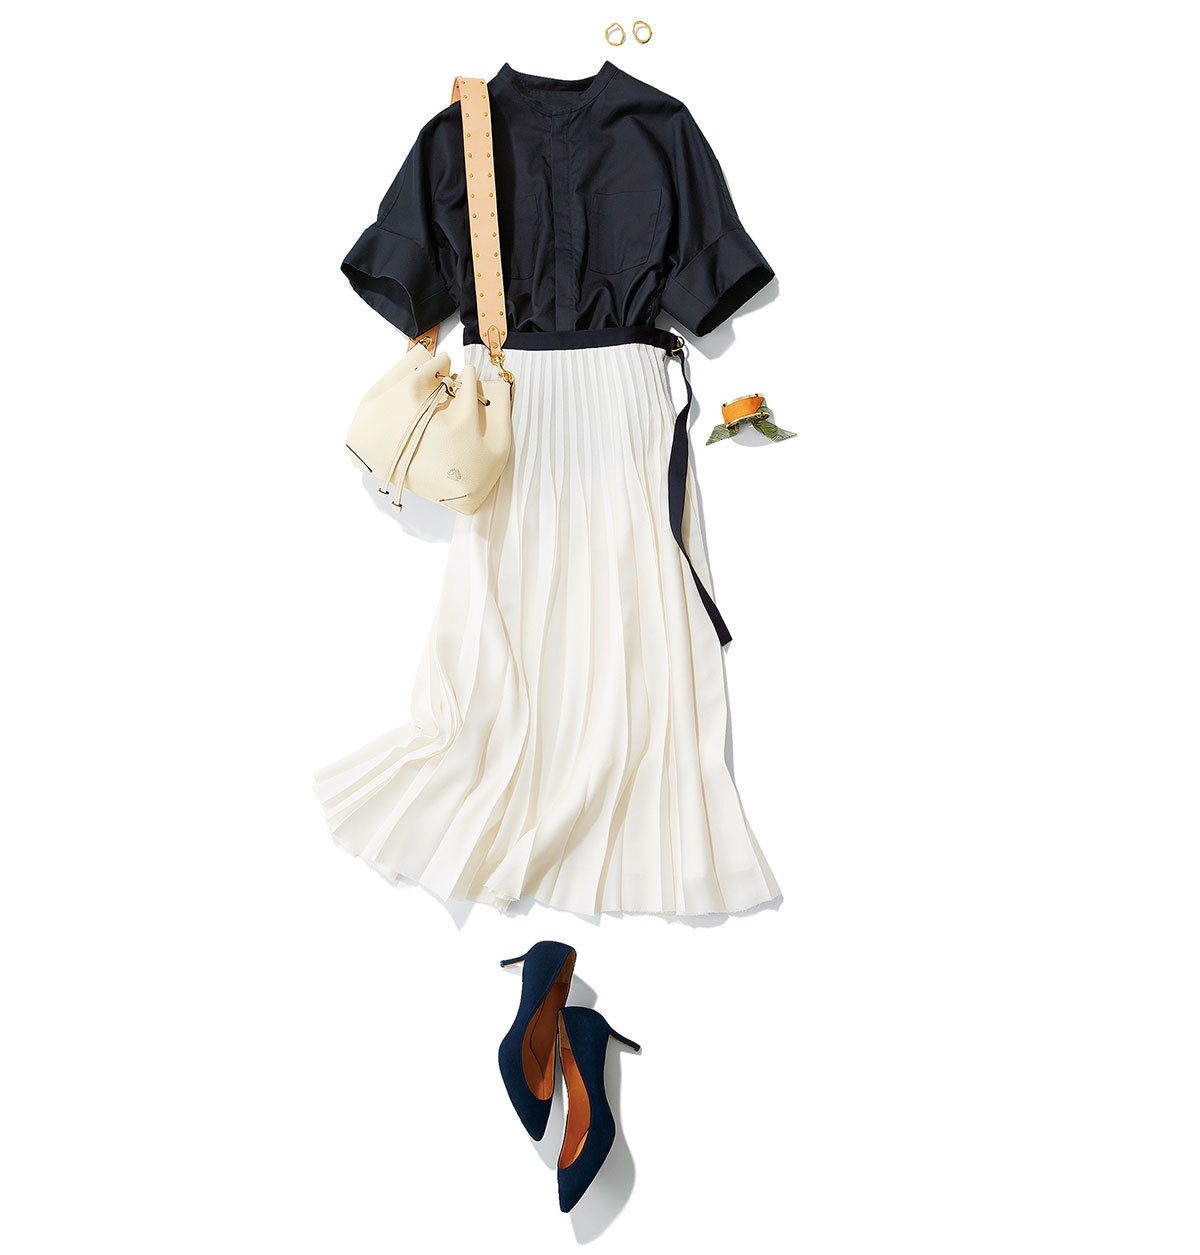 ネイビーのブラウス×プリーツ白スカートコーデ